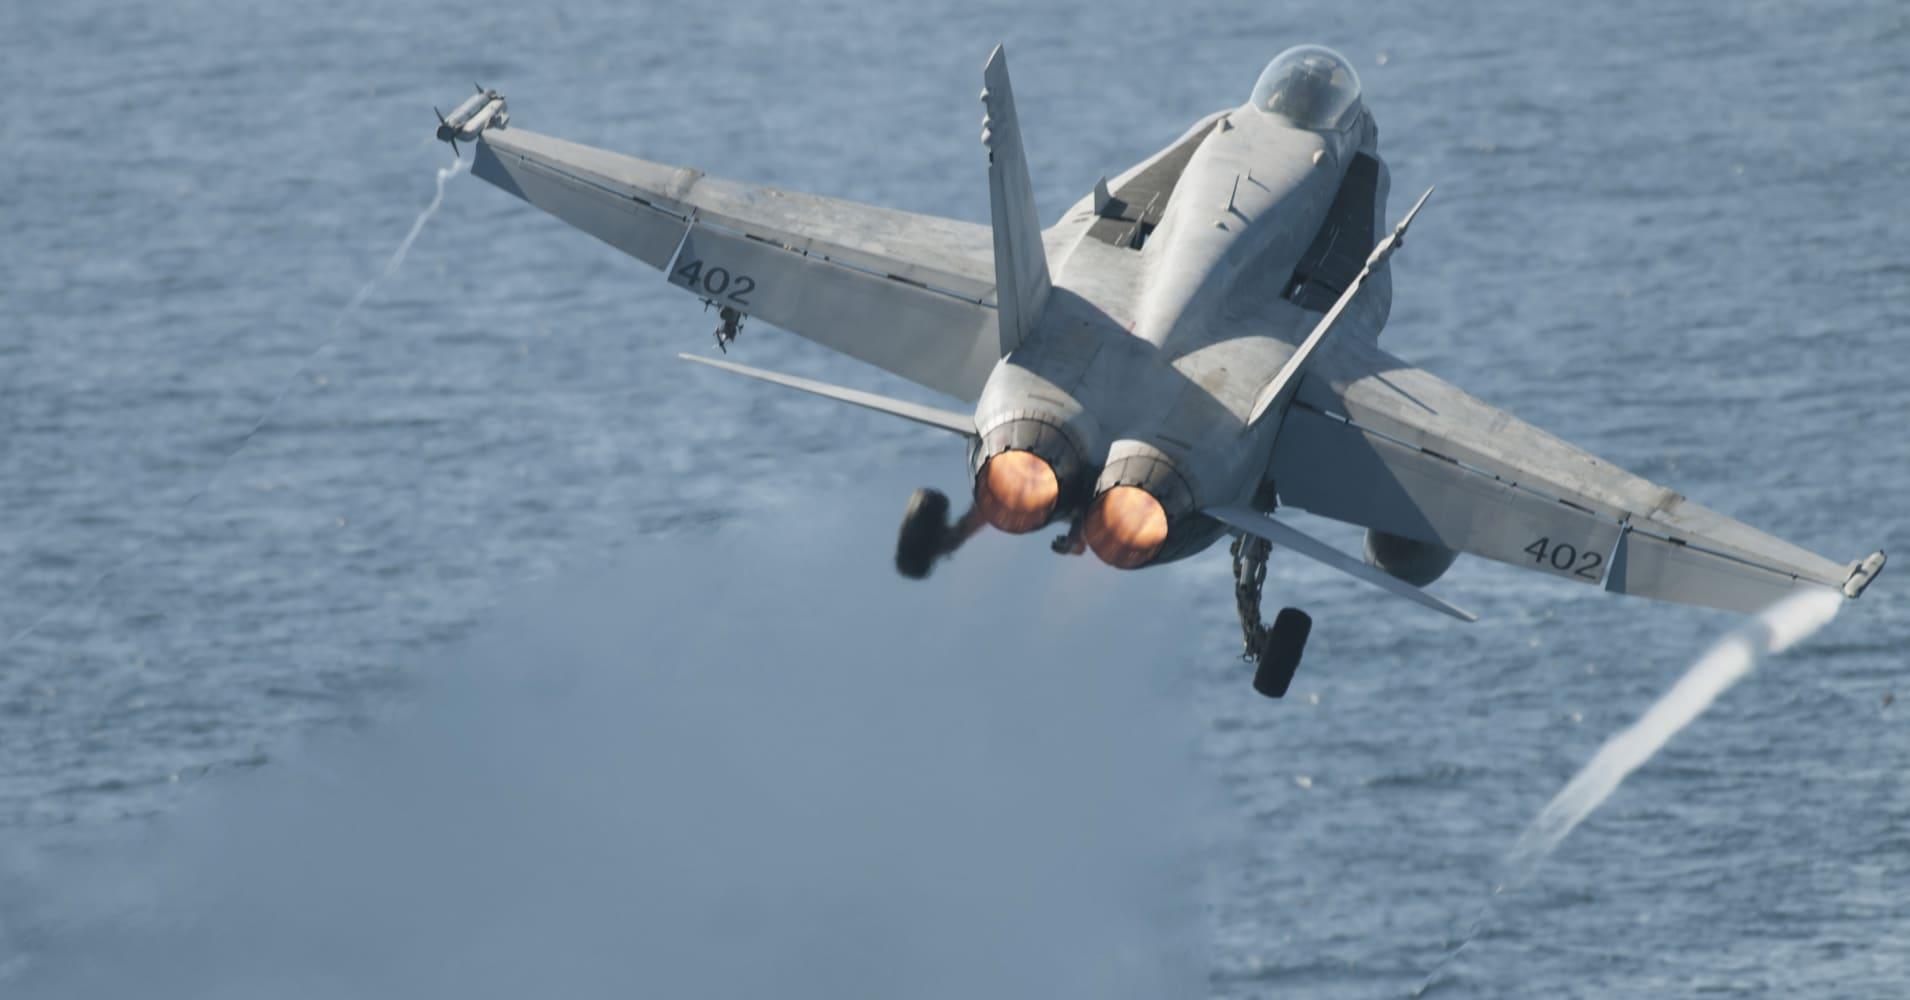 Defense stocks roar higher on $110 billion US-Saudi Arabia weapons deal